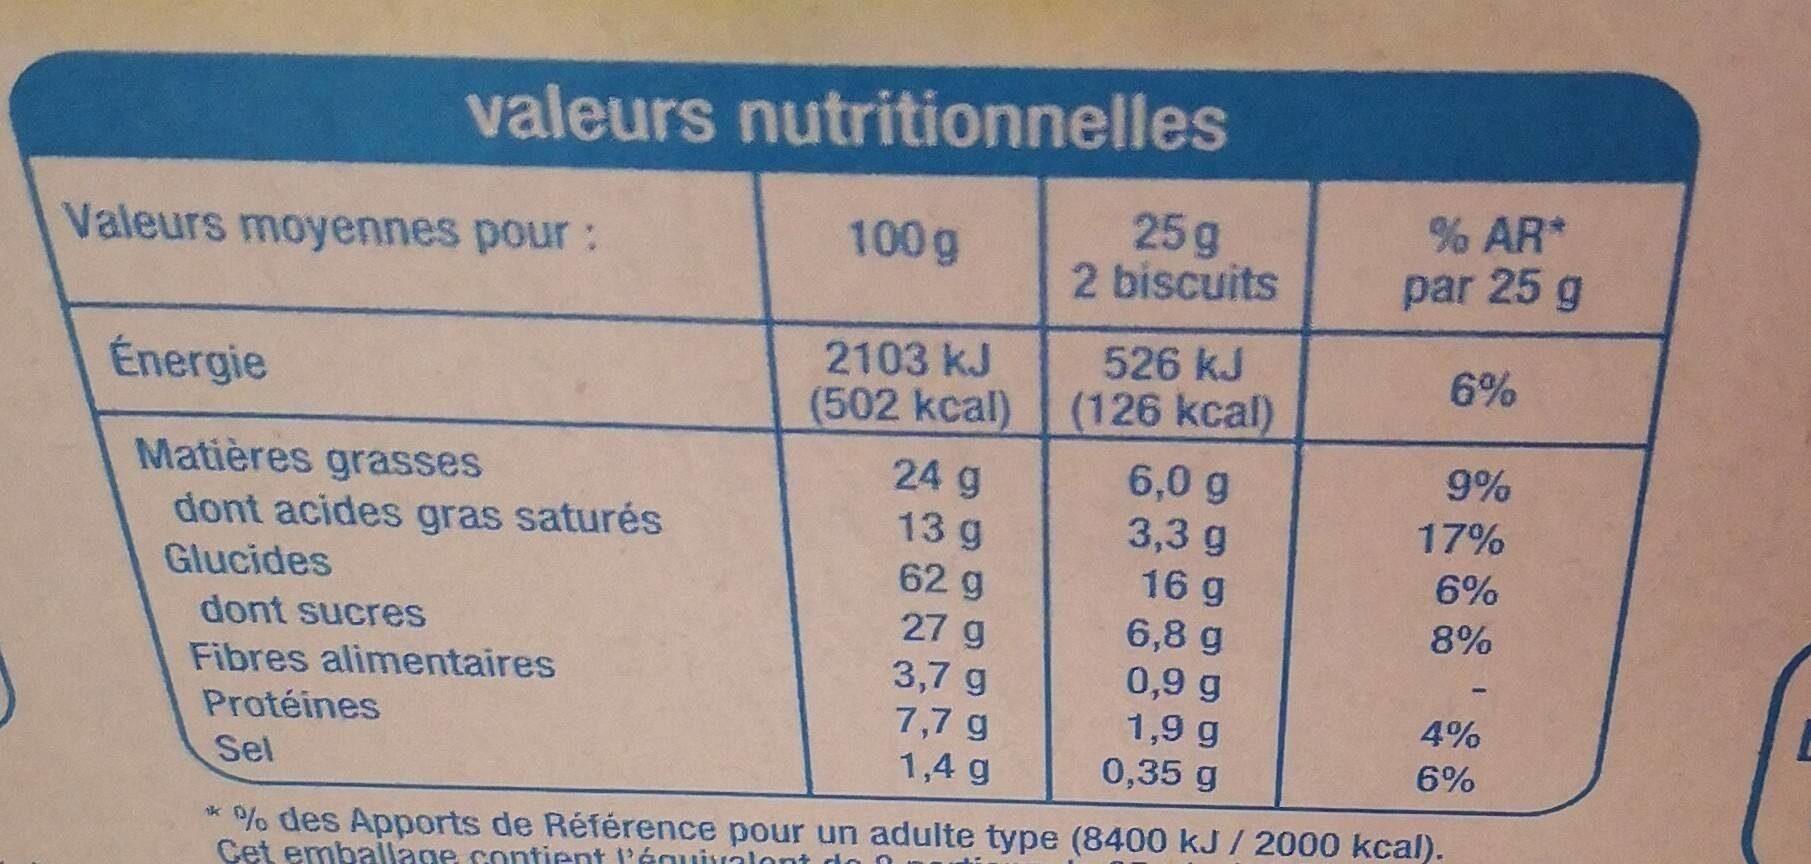 Sablés nappés chocolat au lait - Nutrition facts - fr